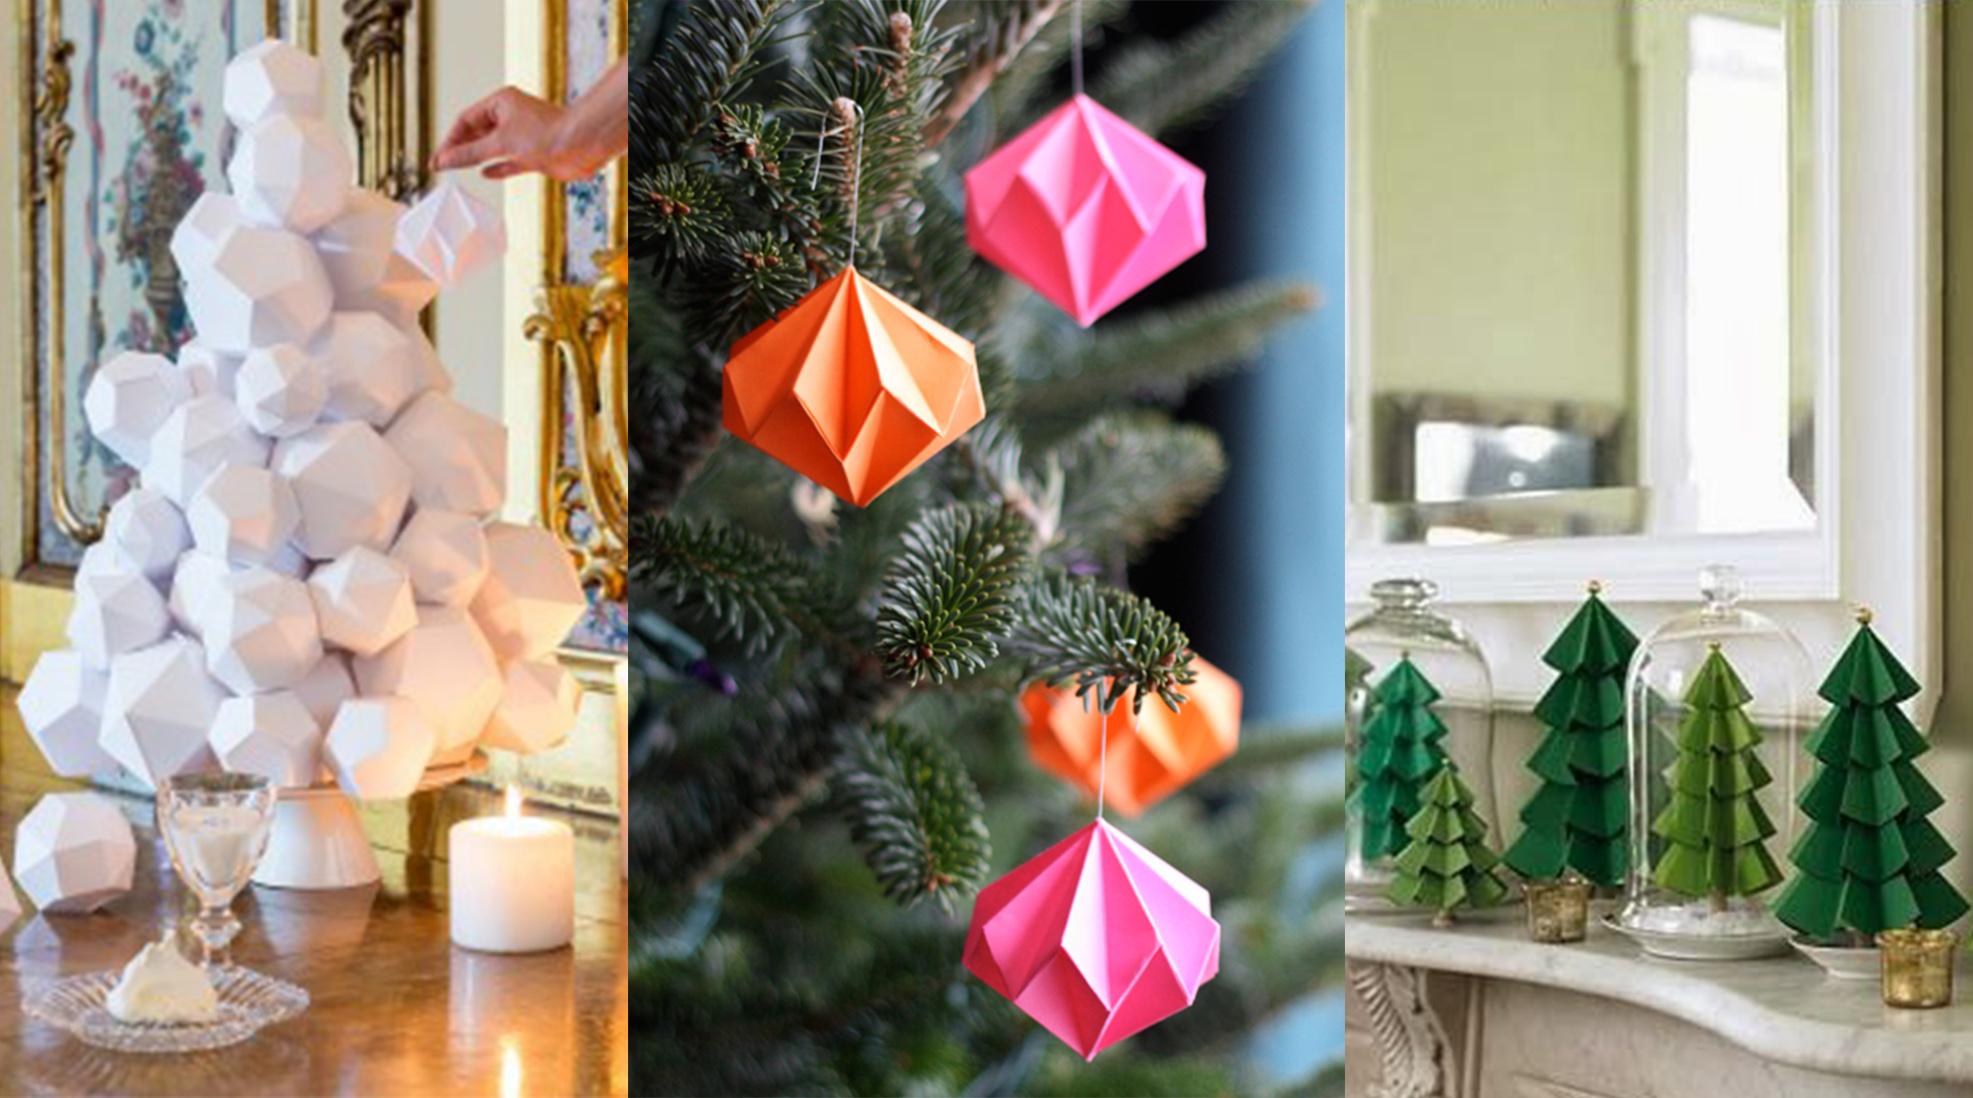 #A45E27 DIY : Notre Sélection De Décorations De Noël à Faire Soi  5413 décorations de noel en papier 1973x1098 px @ aertt.com